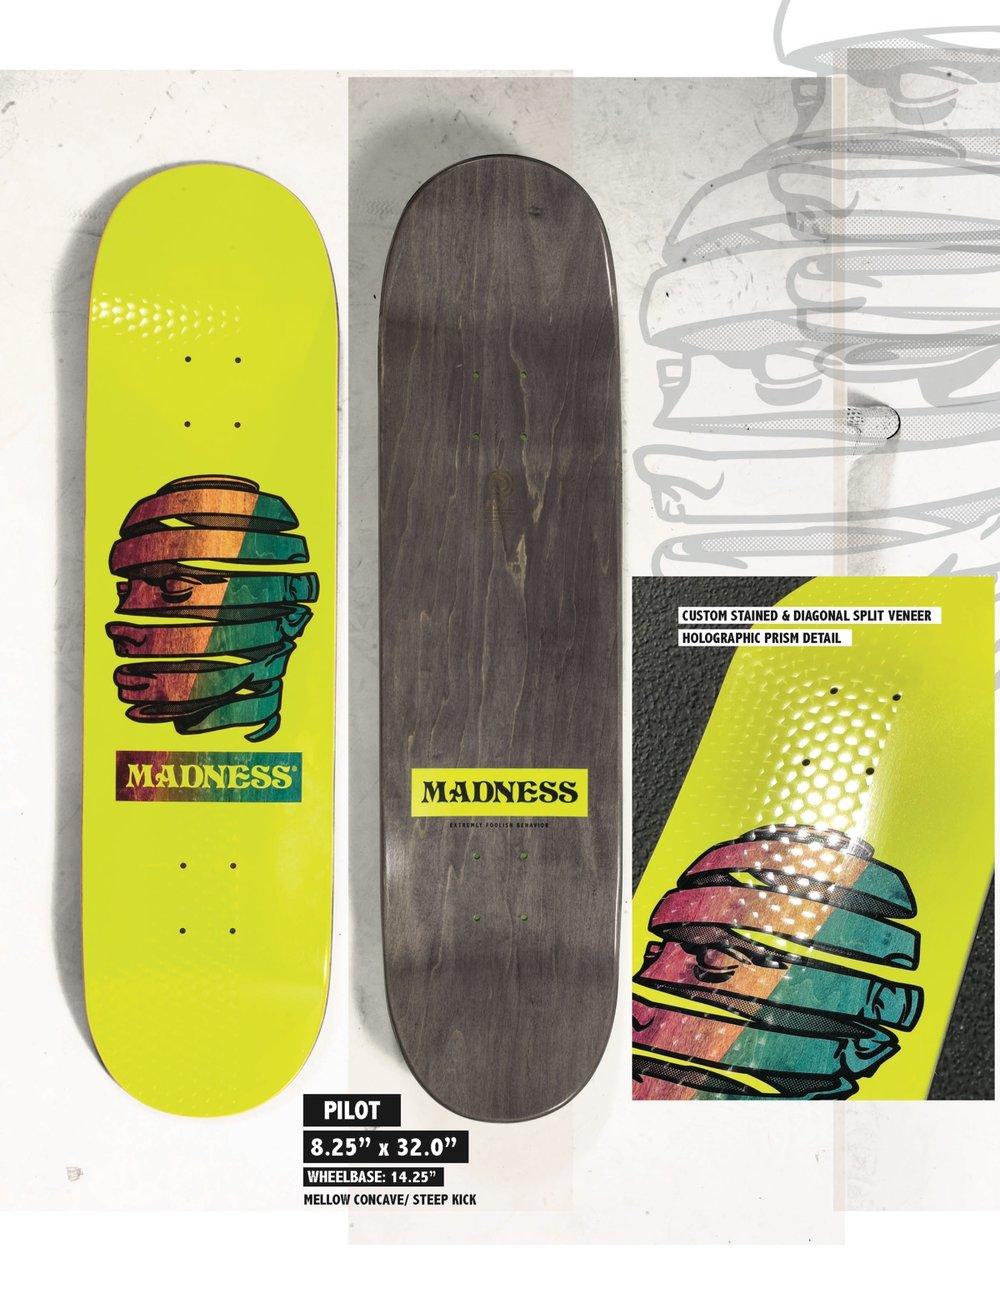 MADNESS Pilot 8.25 R7 Skateboard Deck